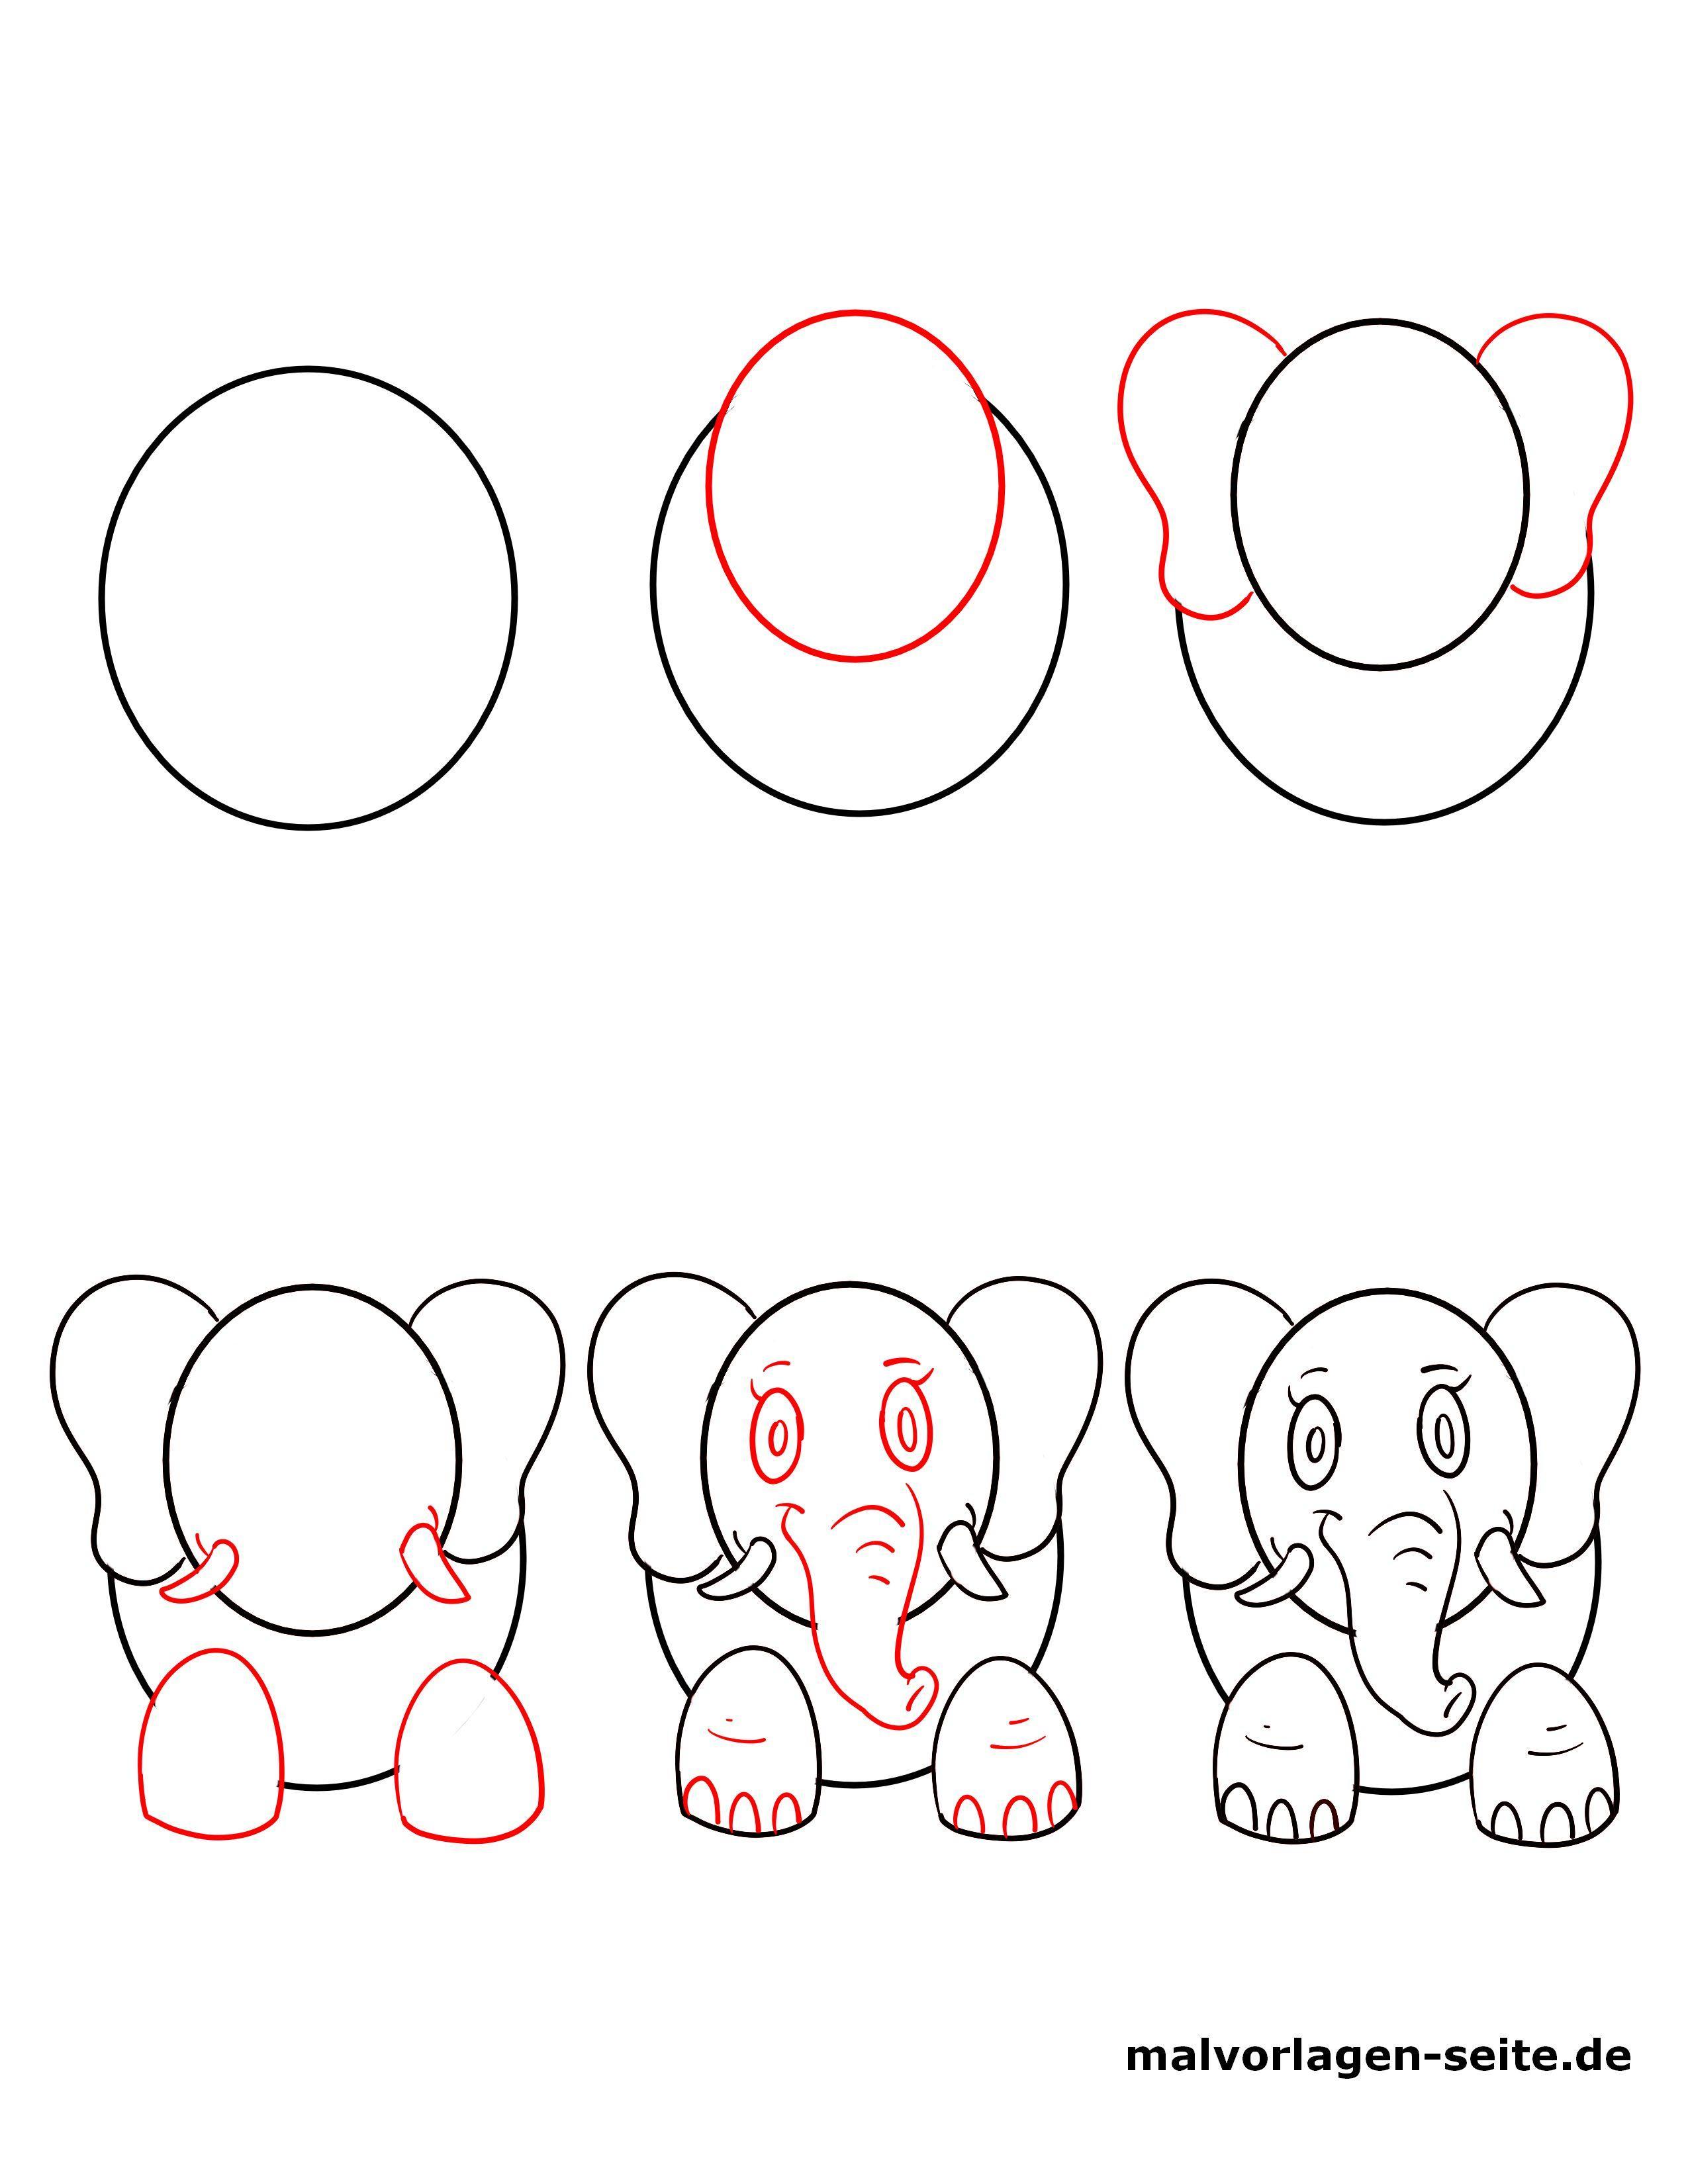 Wie zeichnet man einen Elefant - Kostenlose Ausmalbilder